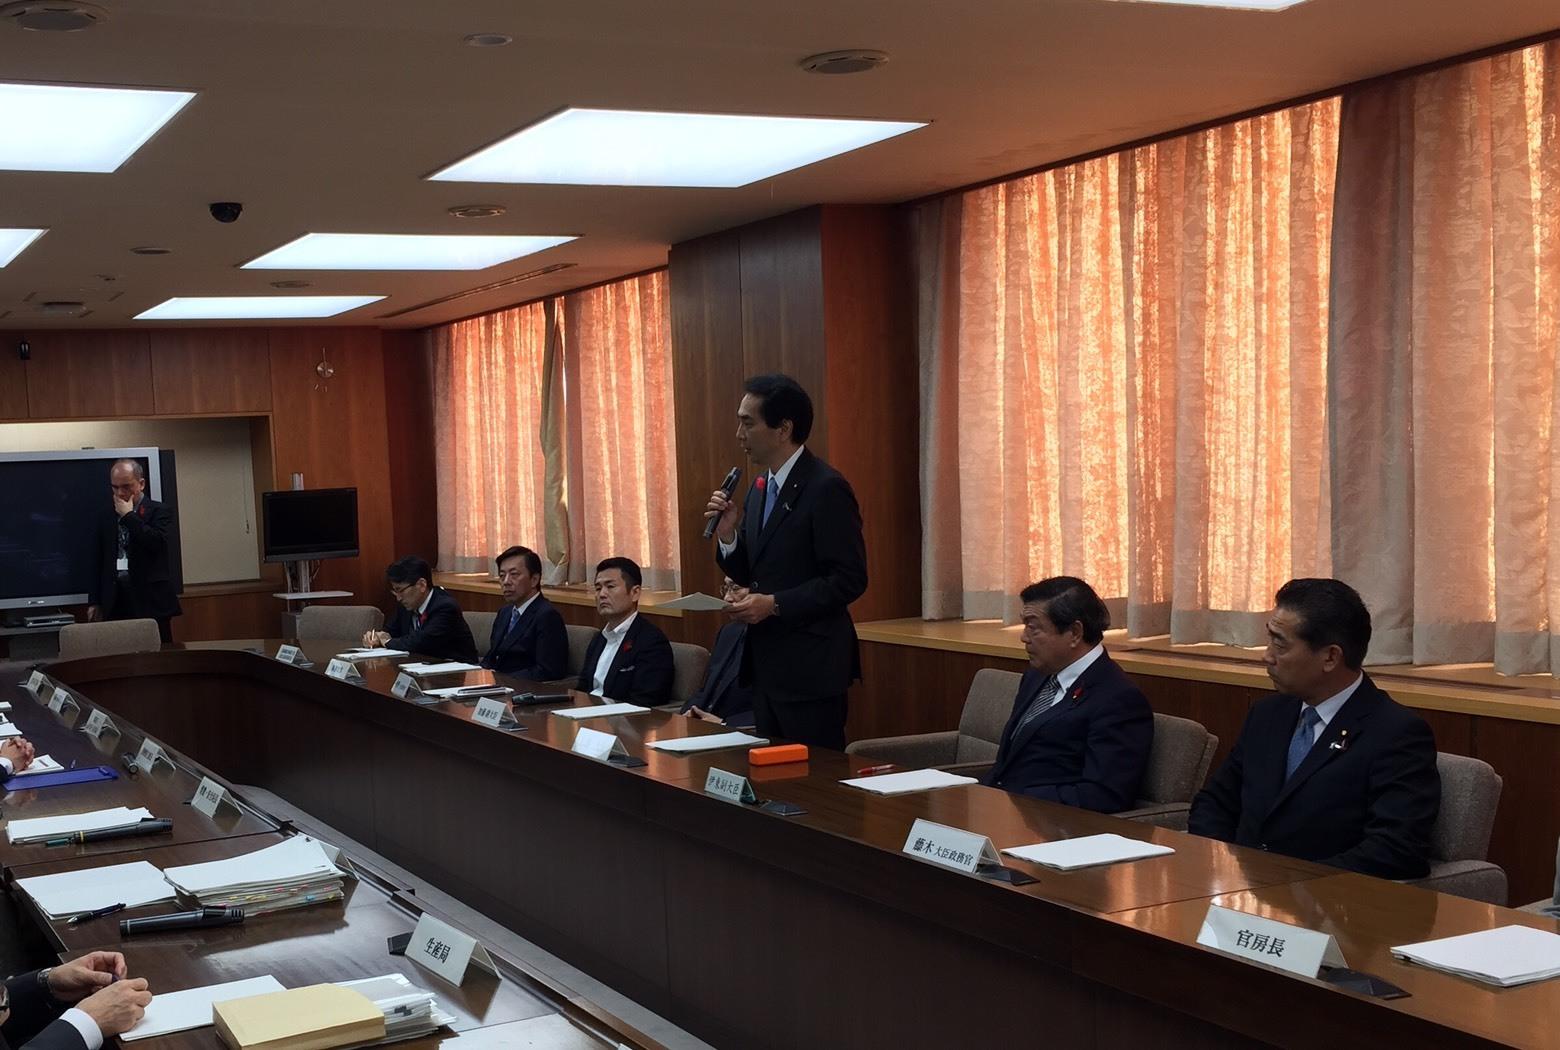 「NHKおはよう日本」の「新閣僚に聞く」_a0143152_19013336.jpeg